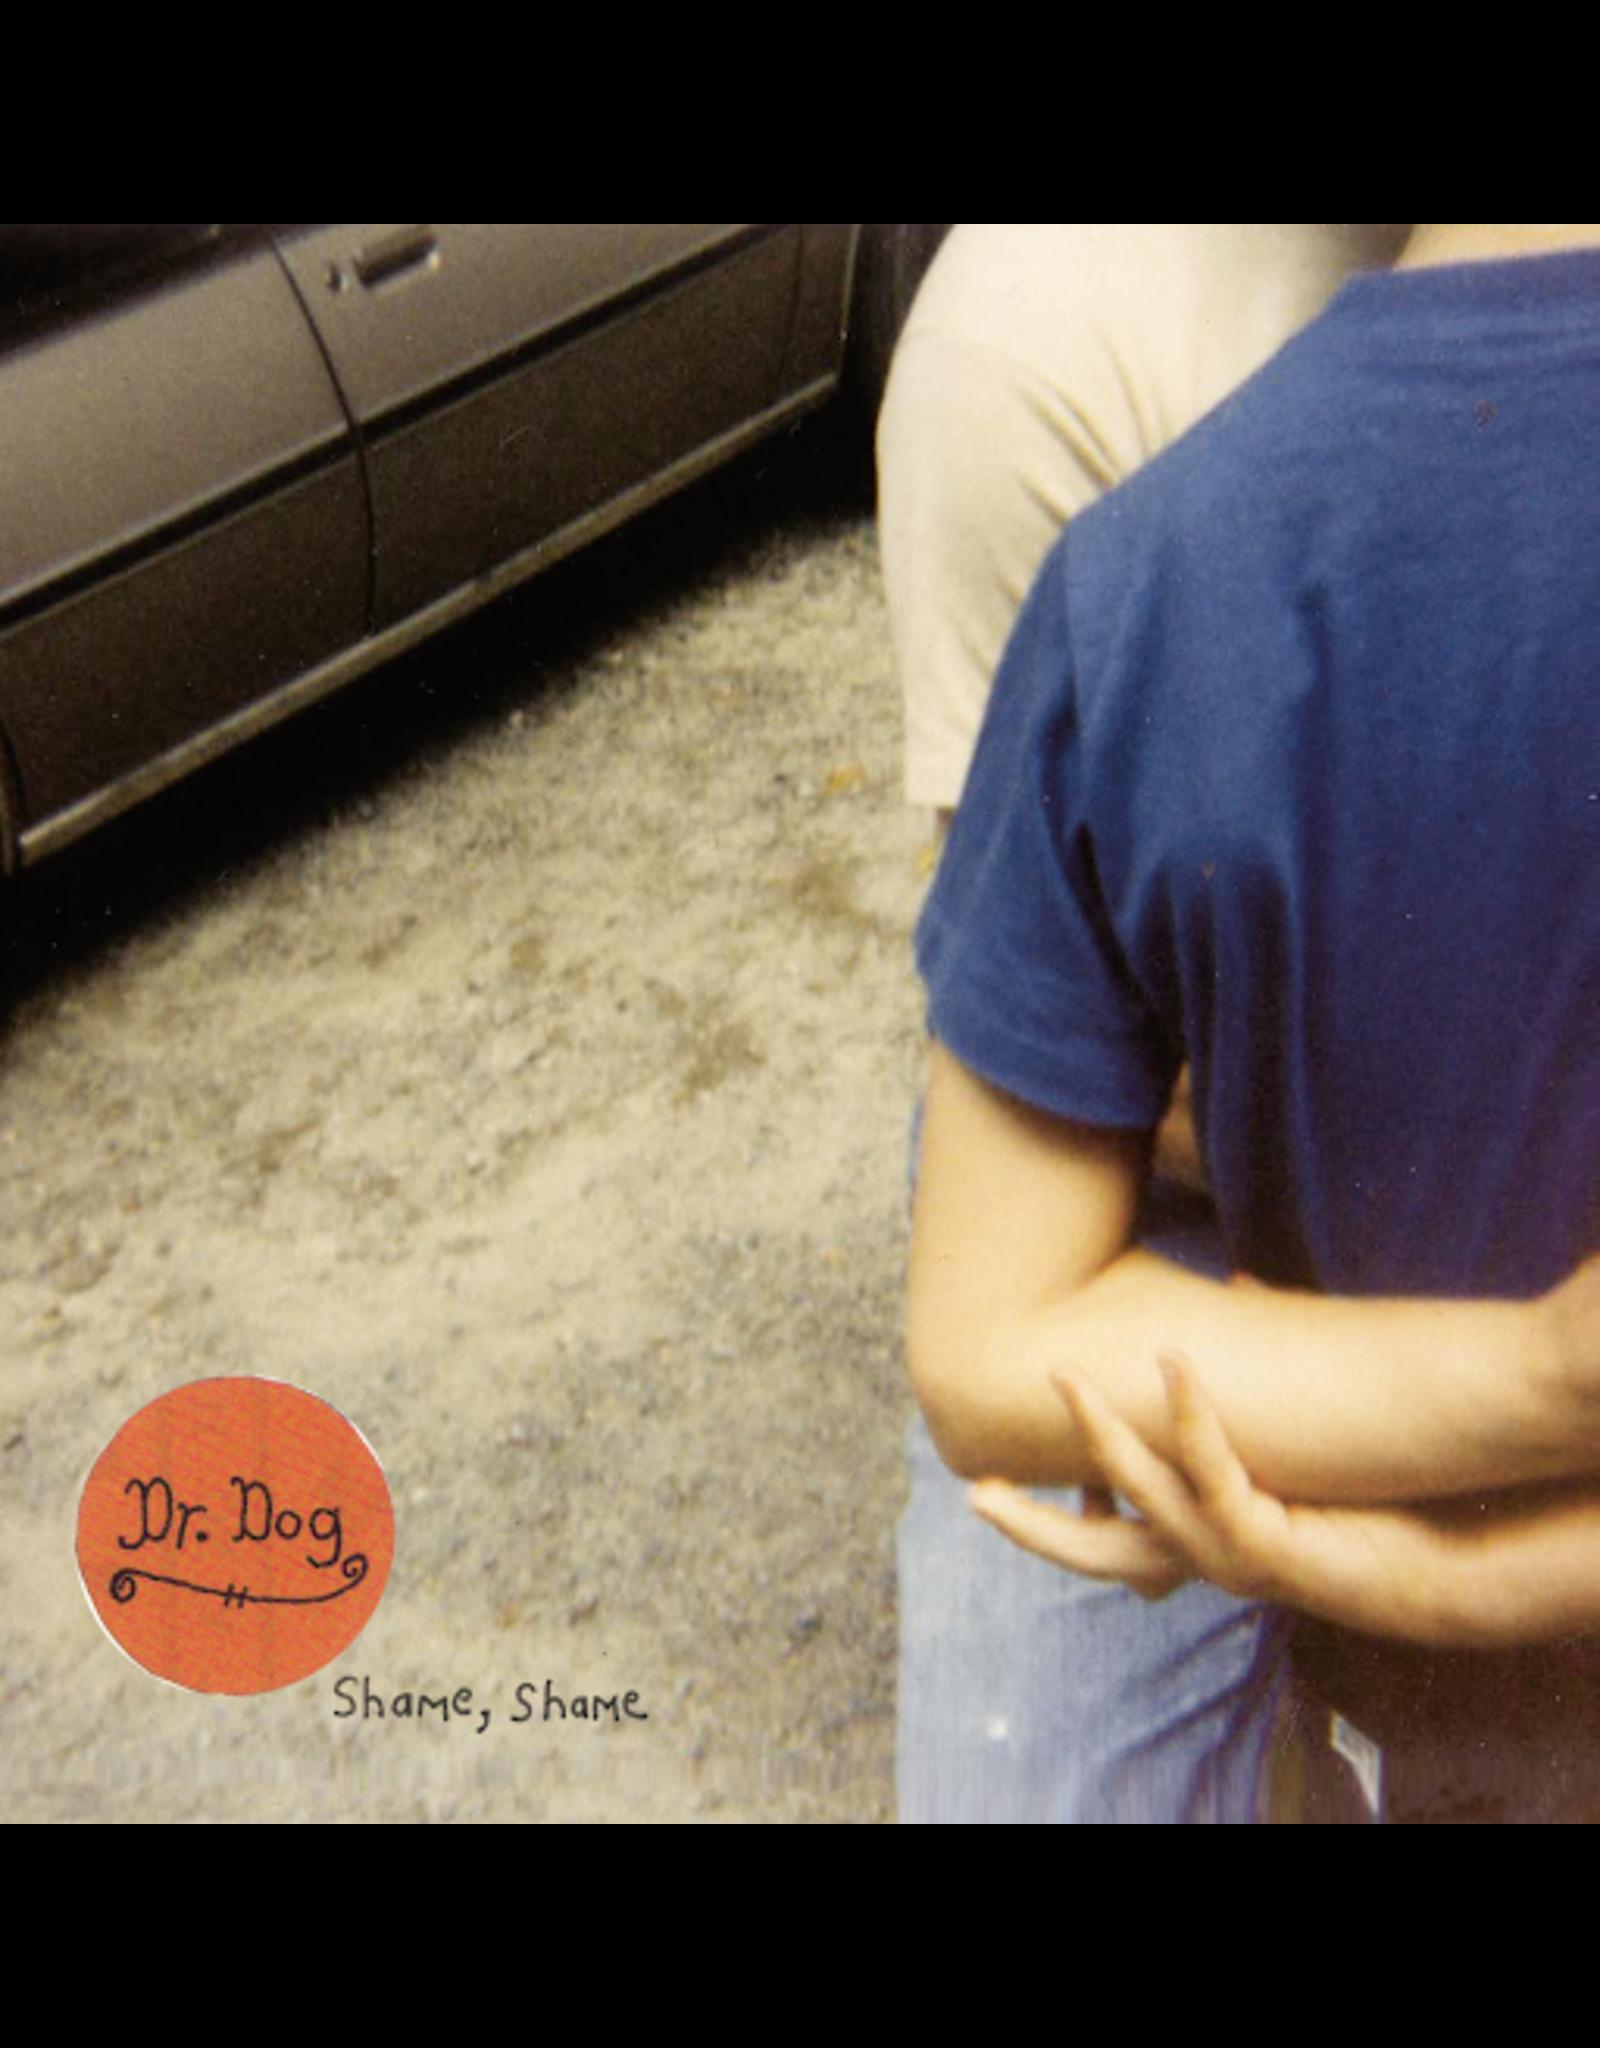 Dr. Dog - Shame Shame